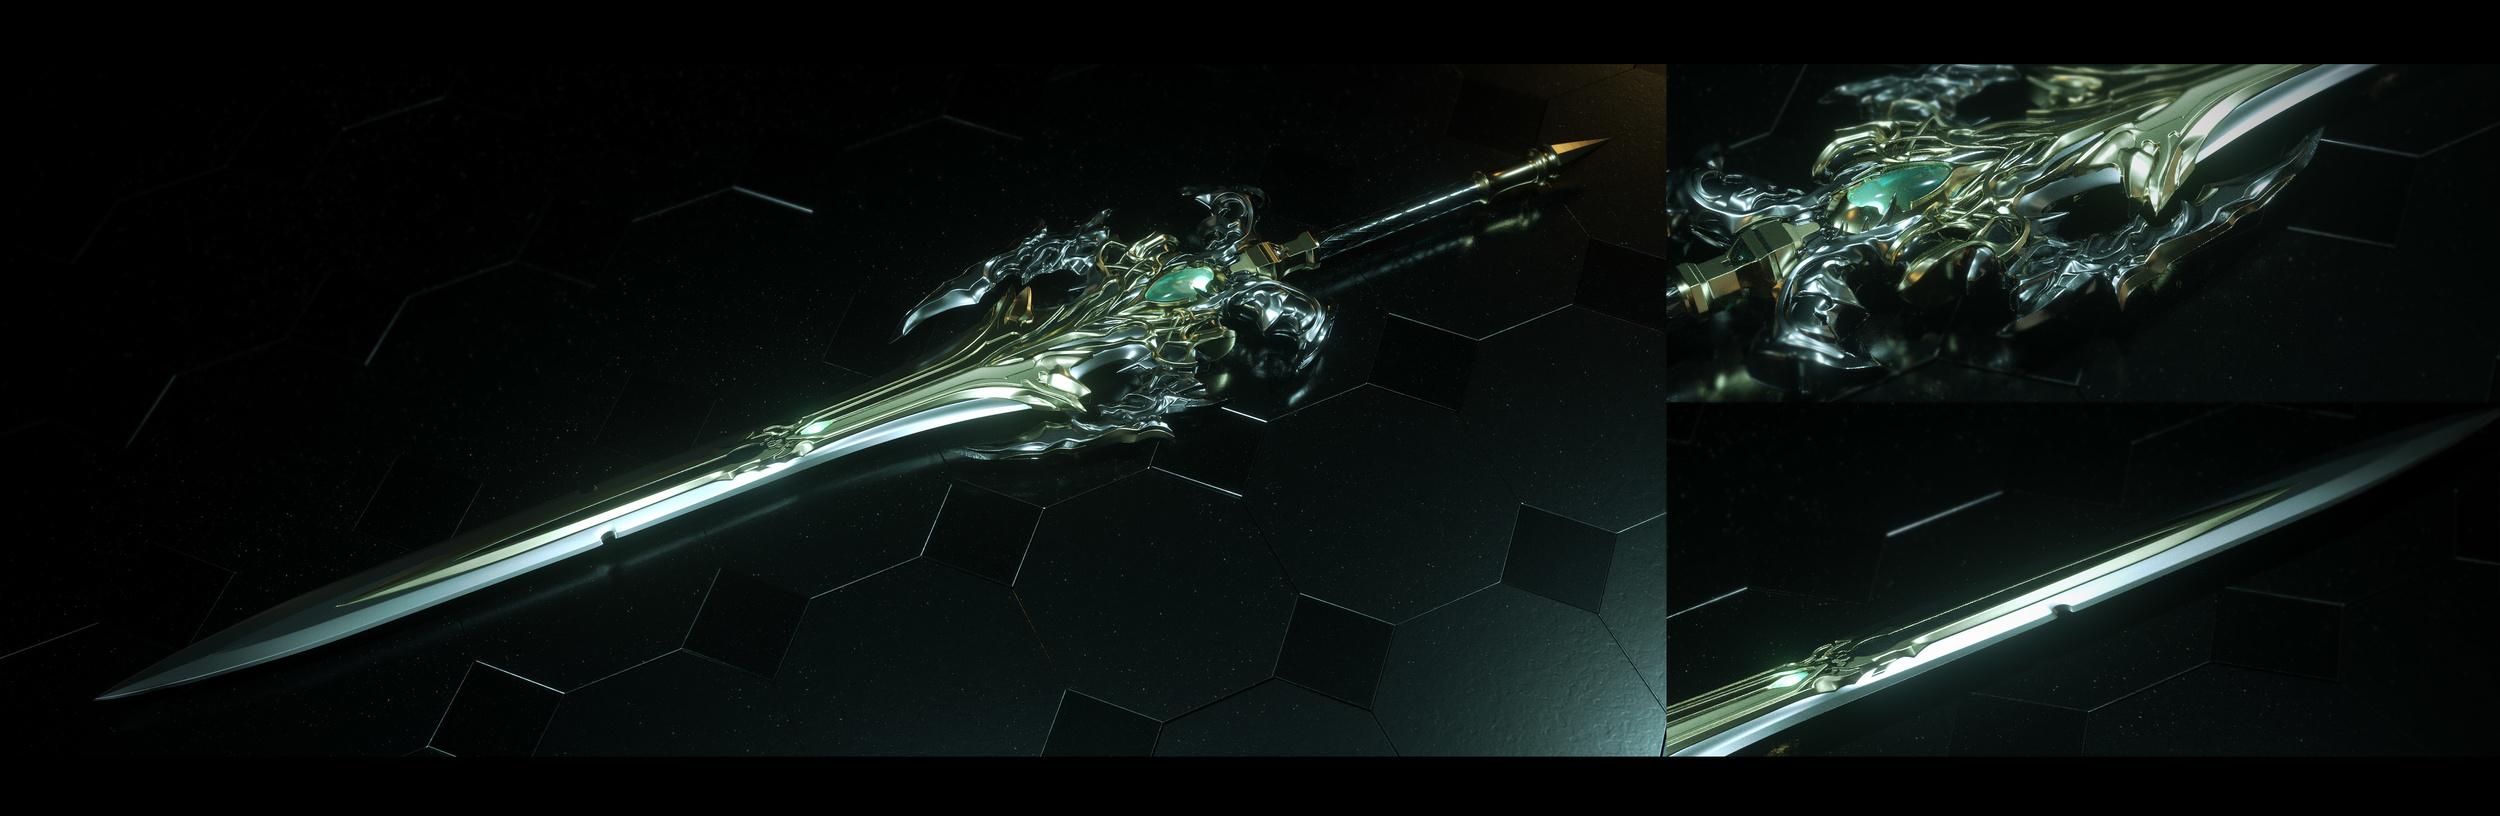 sword1.jpg